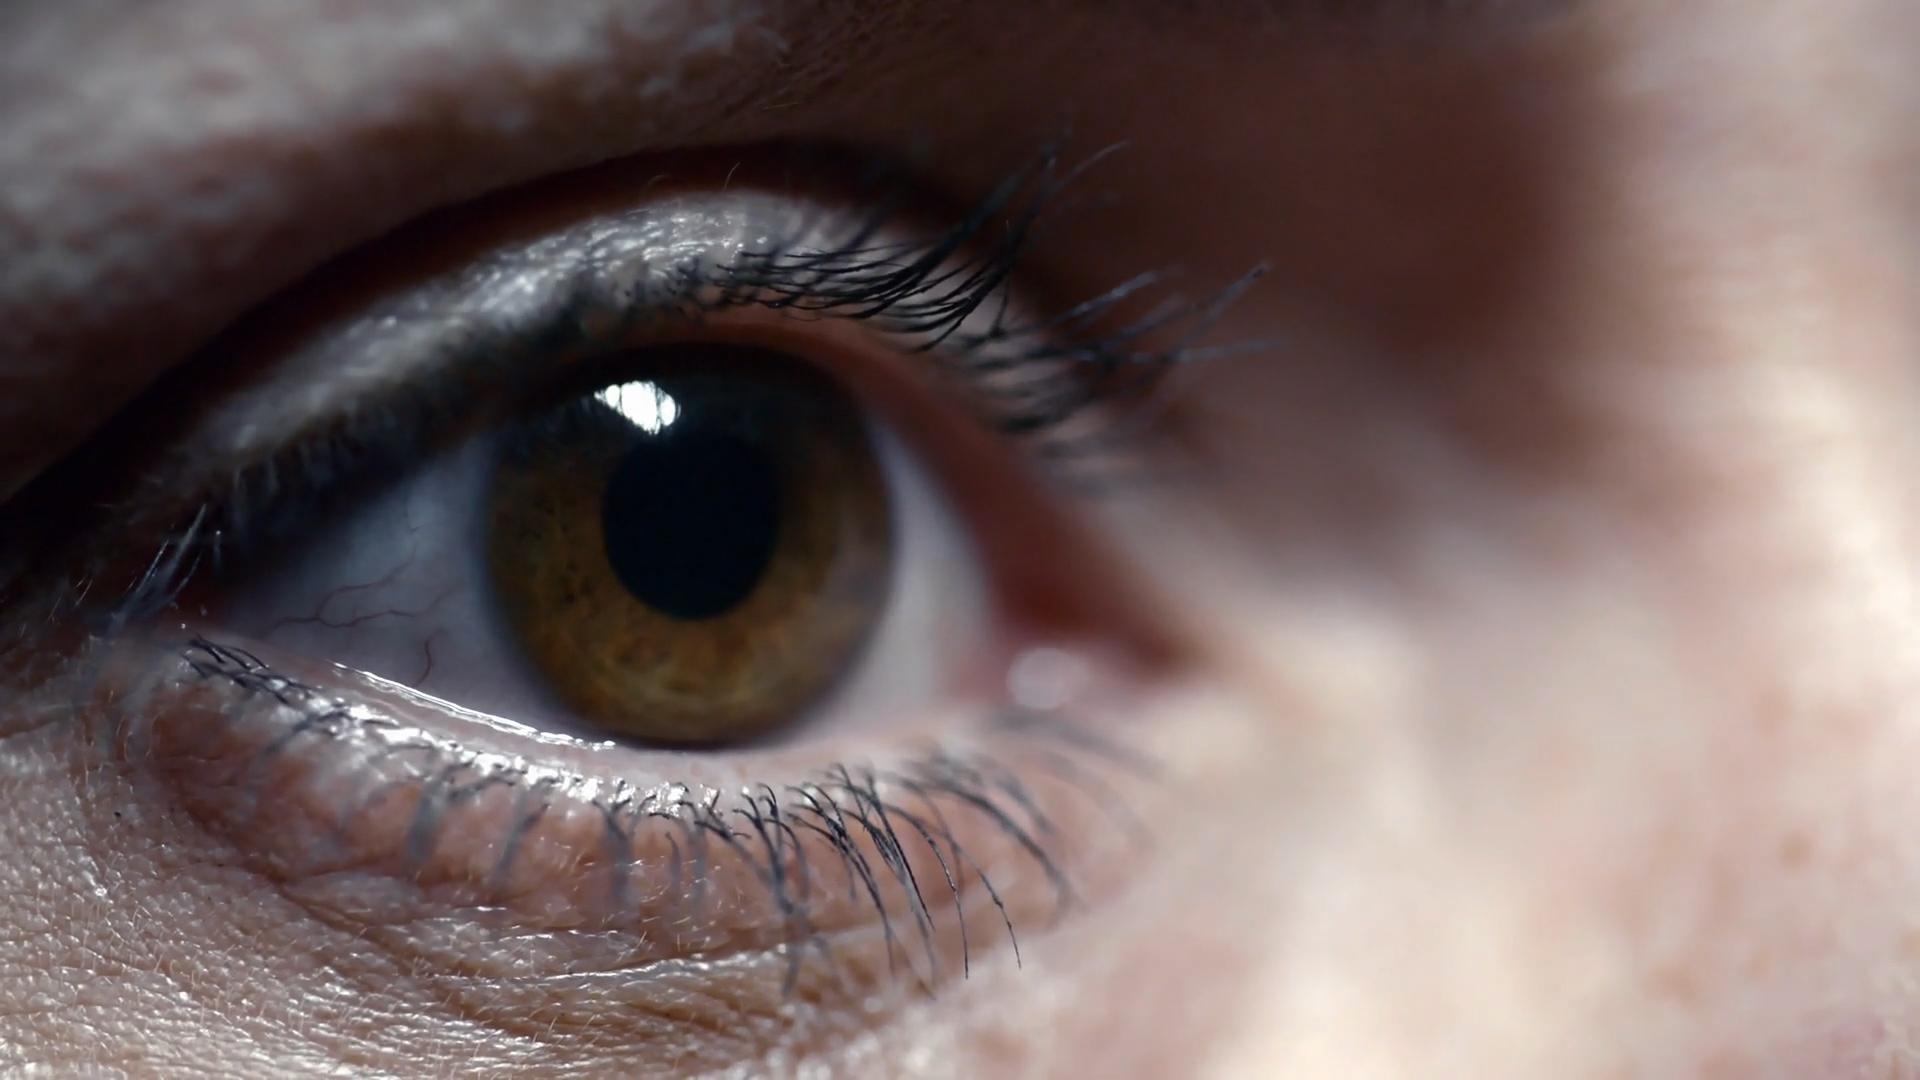 Osoby z brązowymi oczami bardziej narażone na SAD